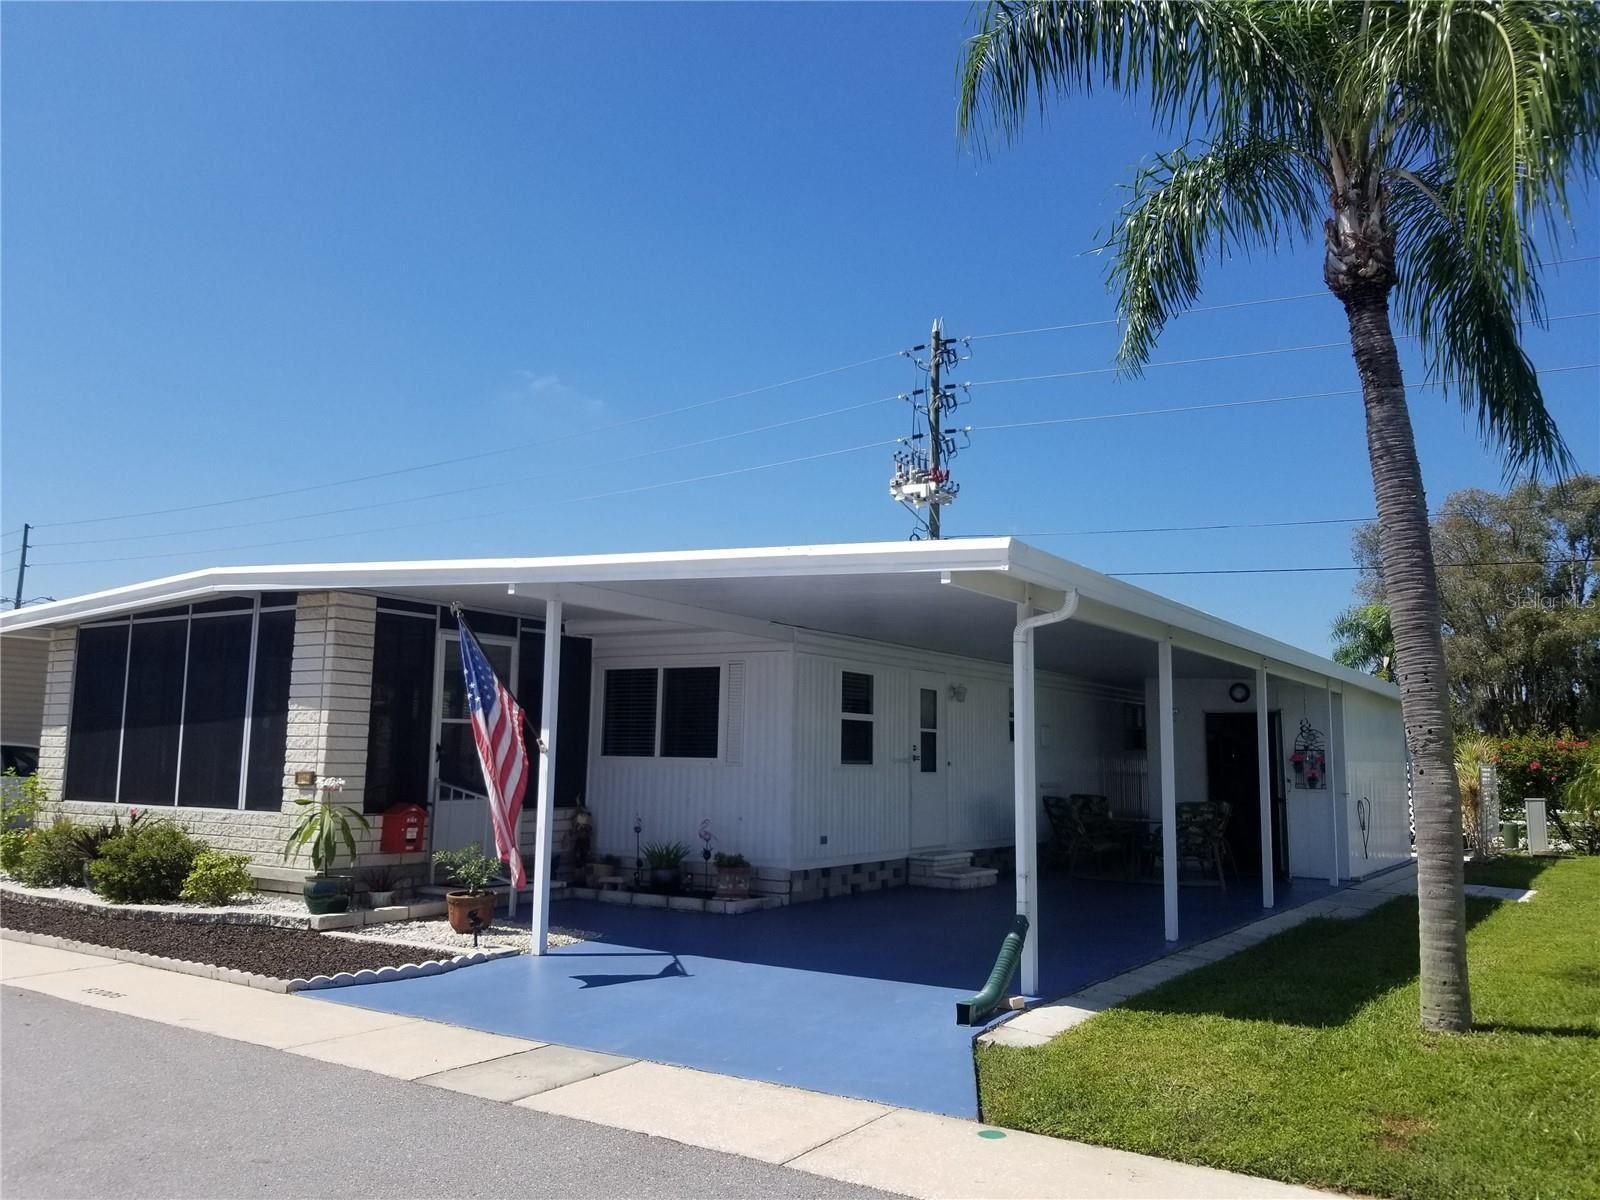 82005 A STREET N #5, Pinellas Park, FL 33781 - #: U8137451